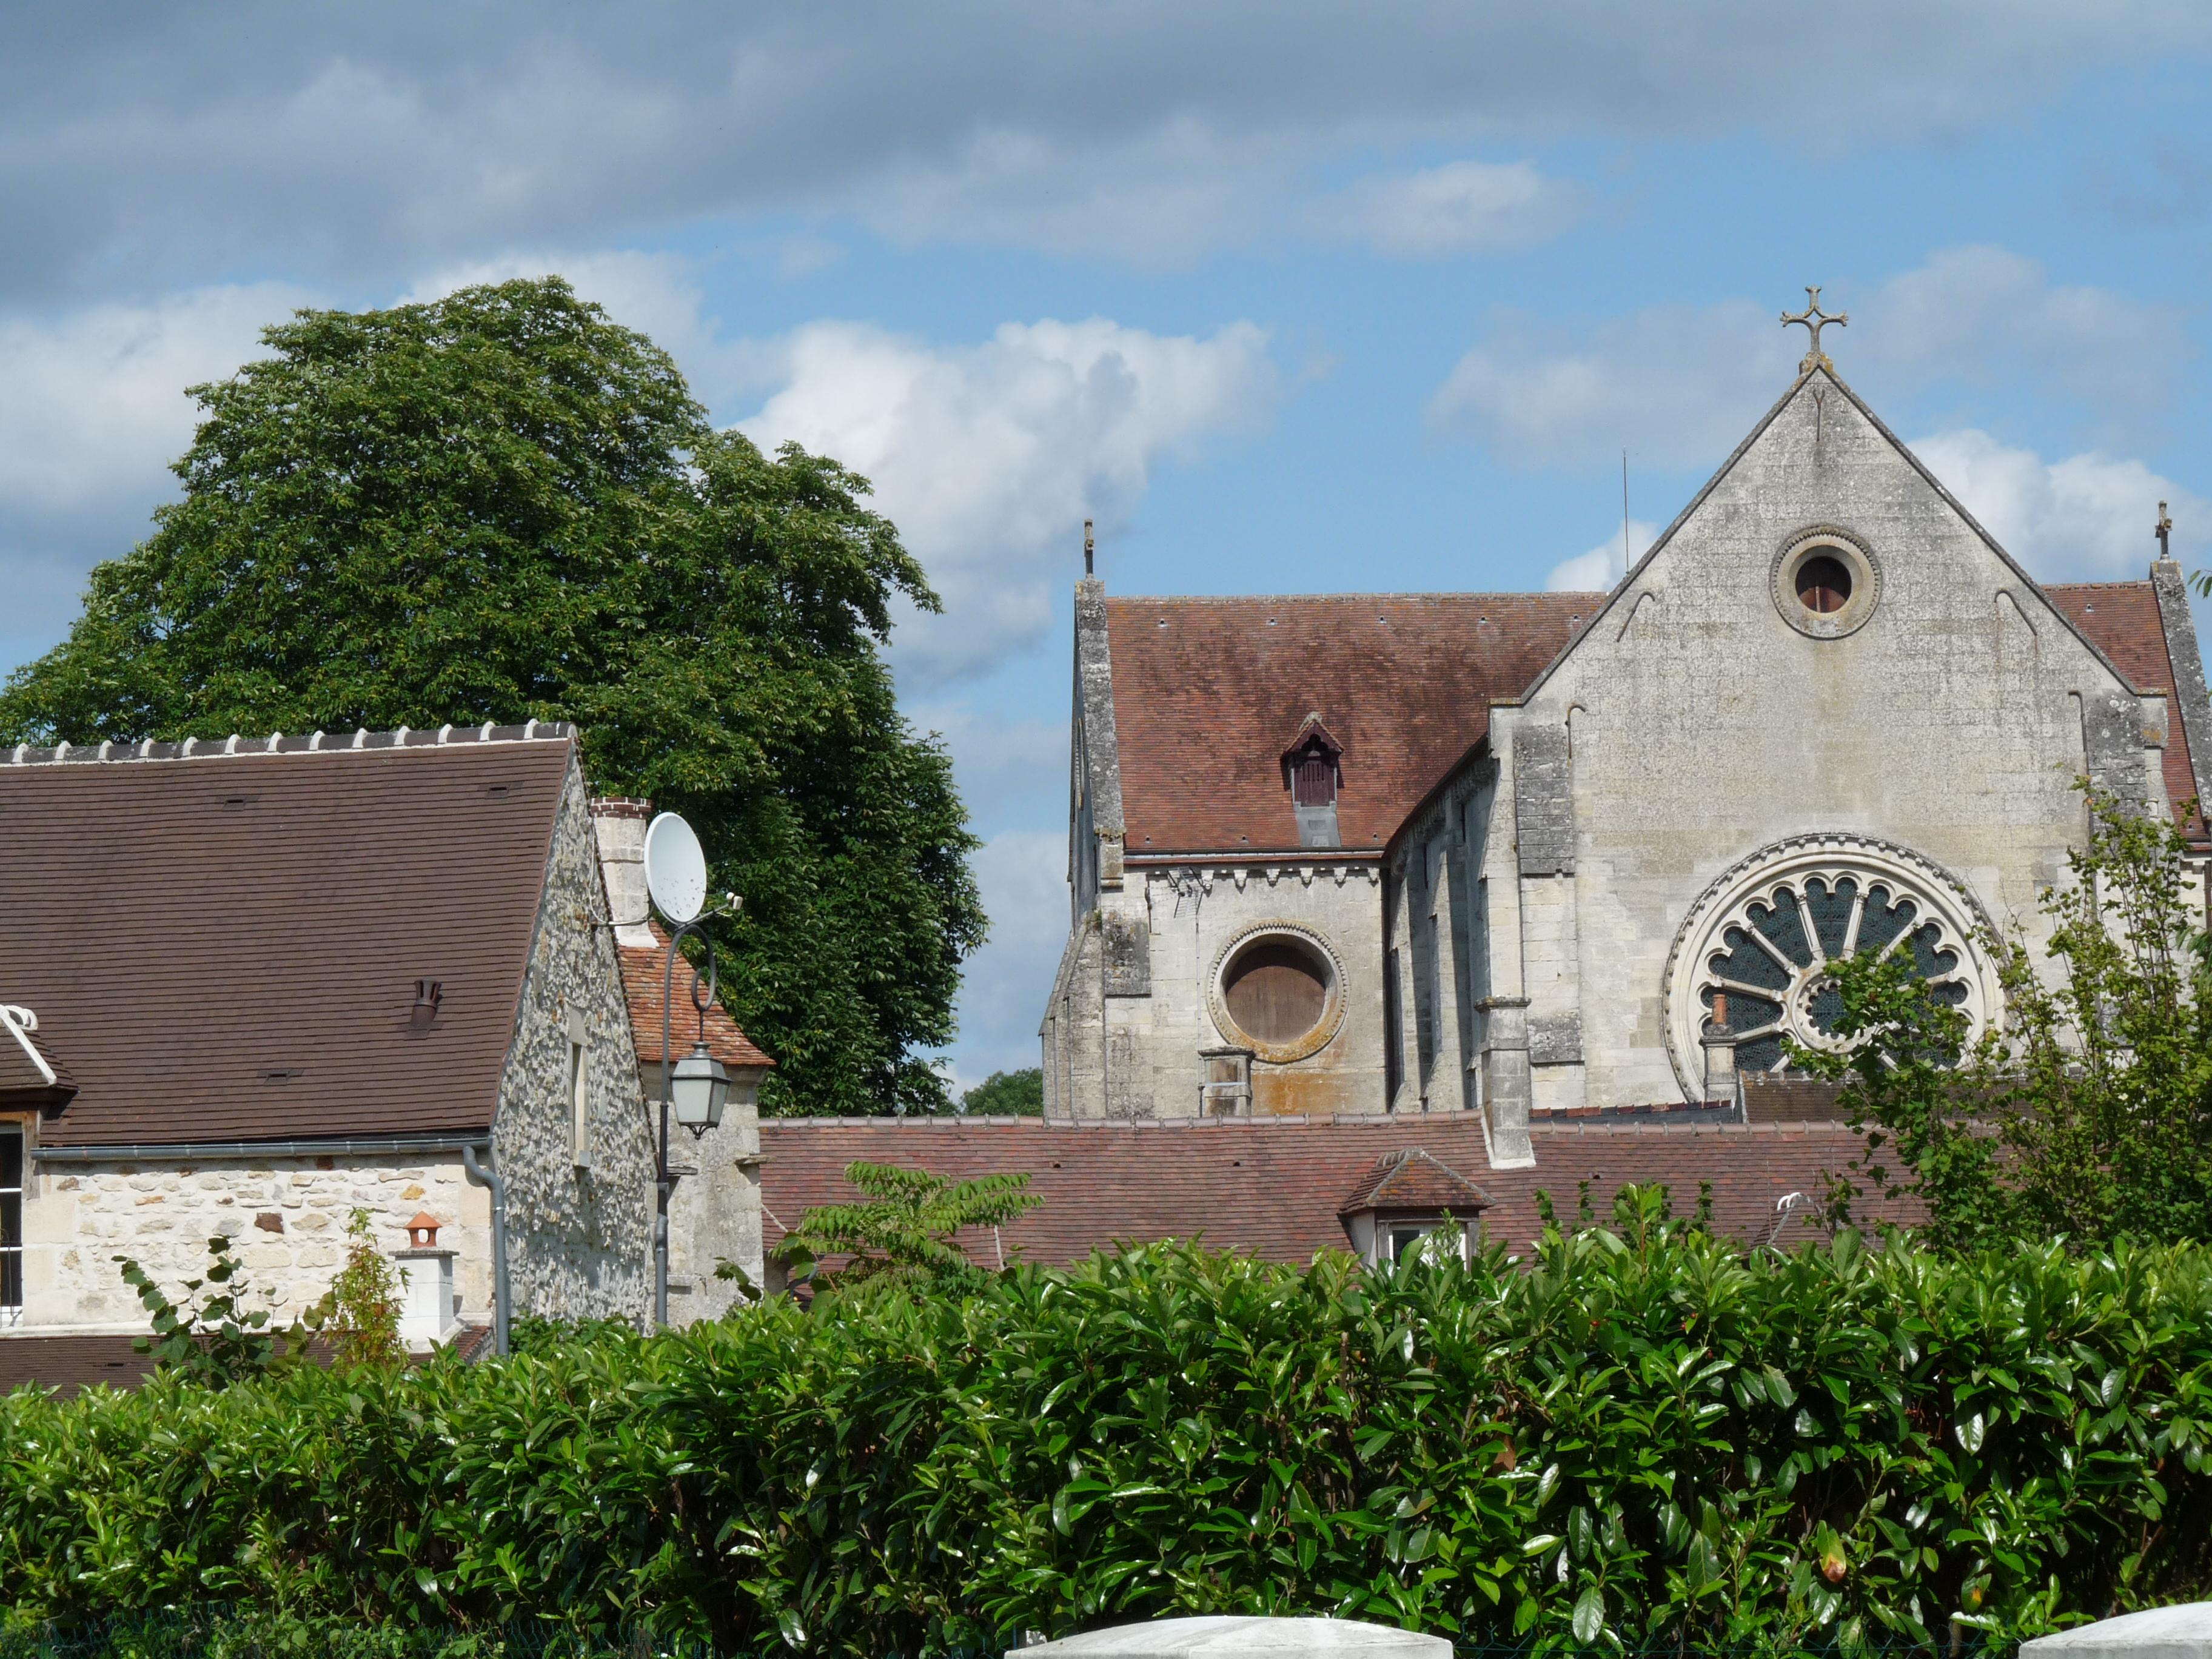 Saint Jean Au Bois - Photoà Saint Jean aux Bois (60350) Par dch Saint Jean aux Bois, 78205 Communes com